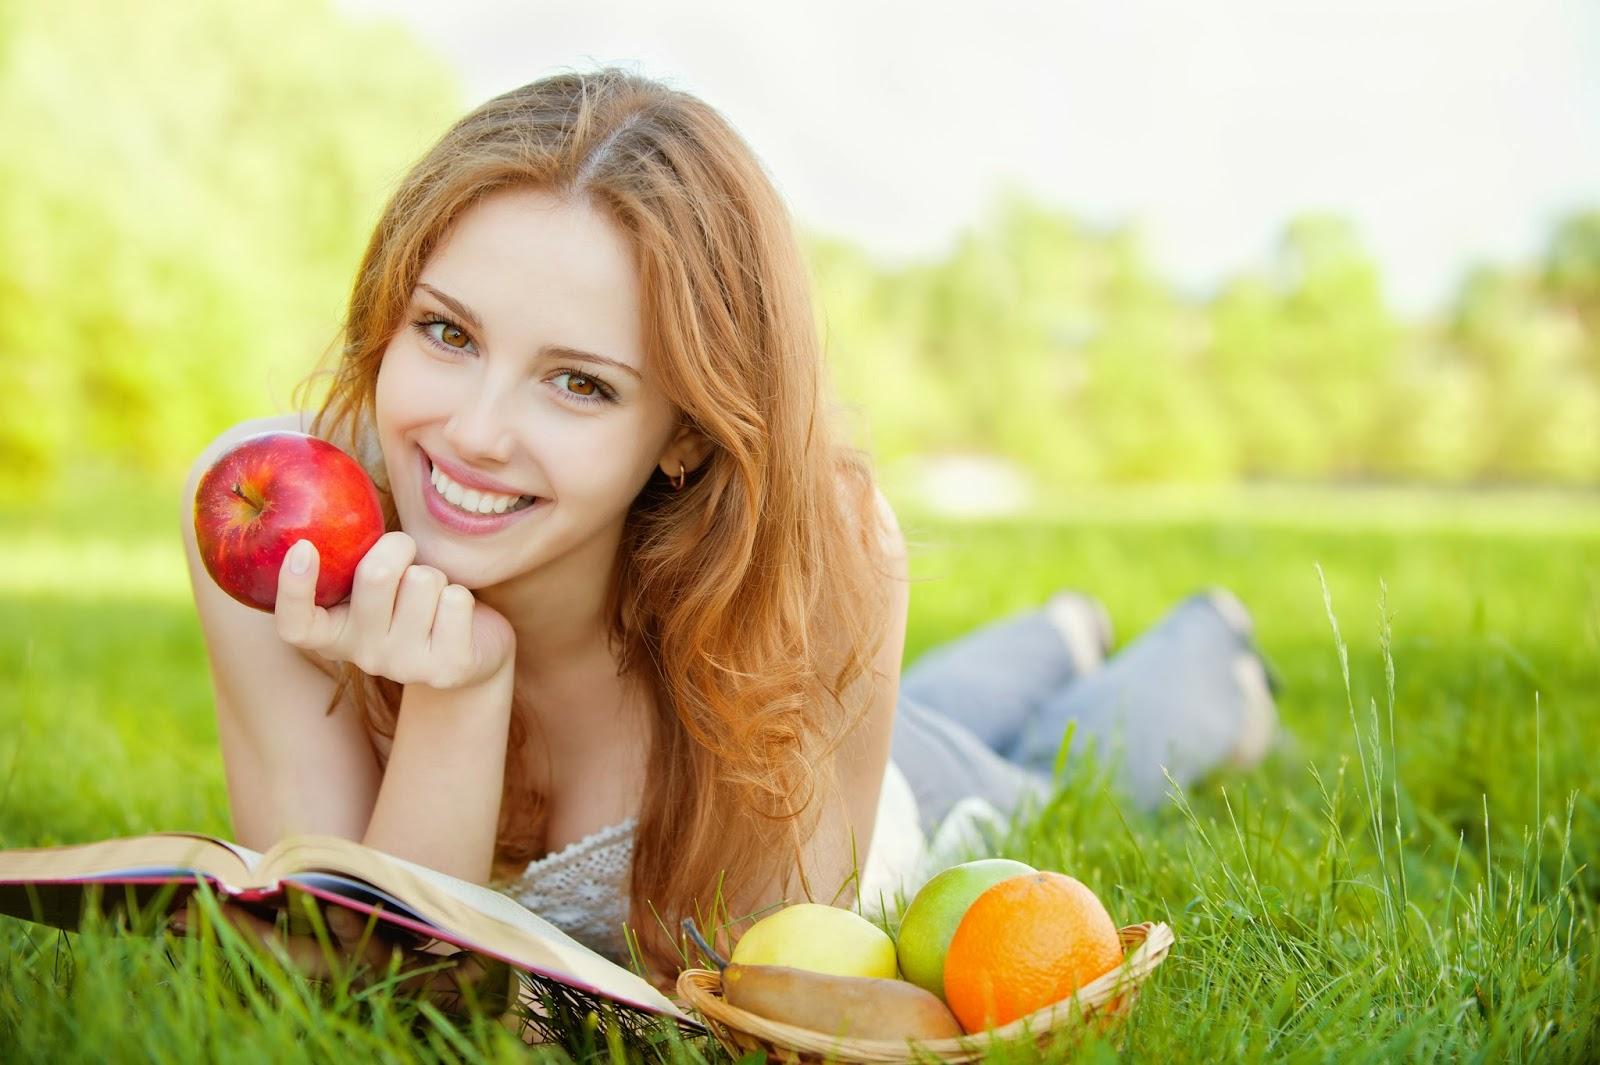 Dermodermo blog sağlıklı yaşam